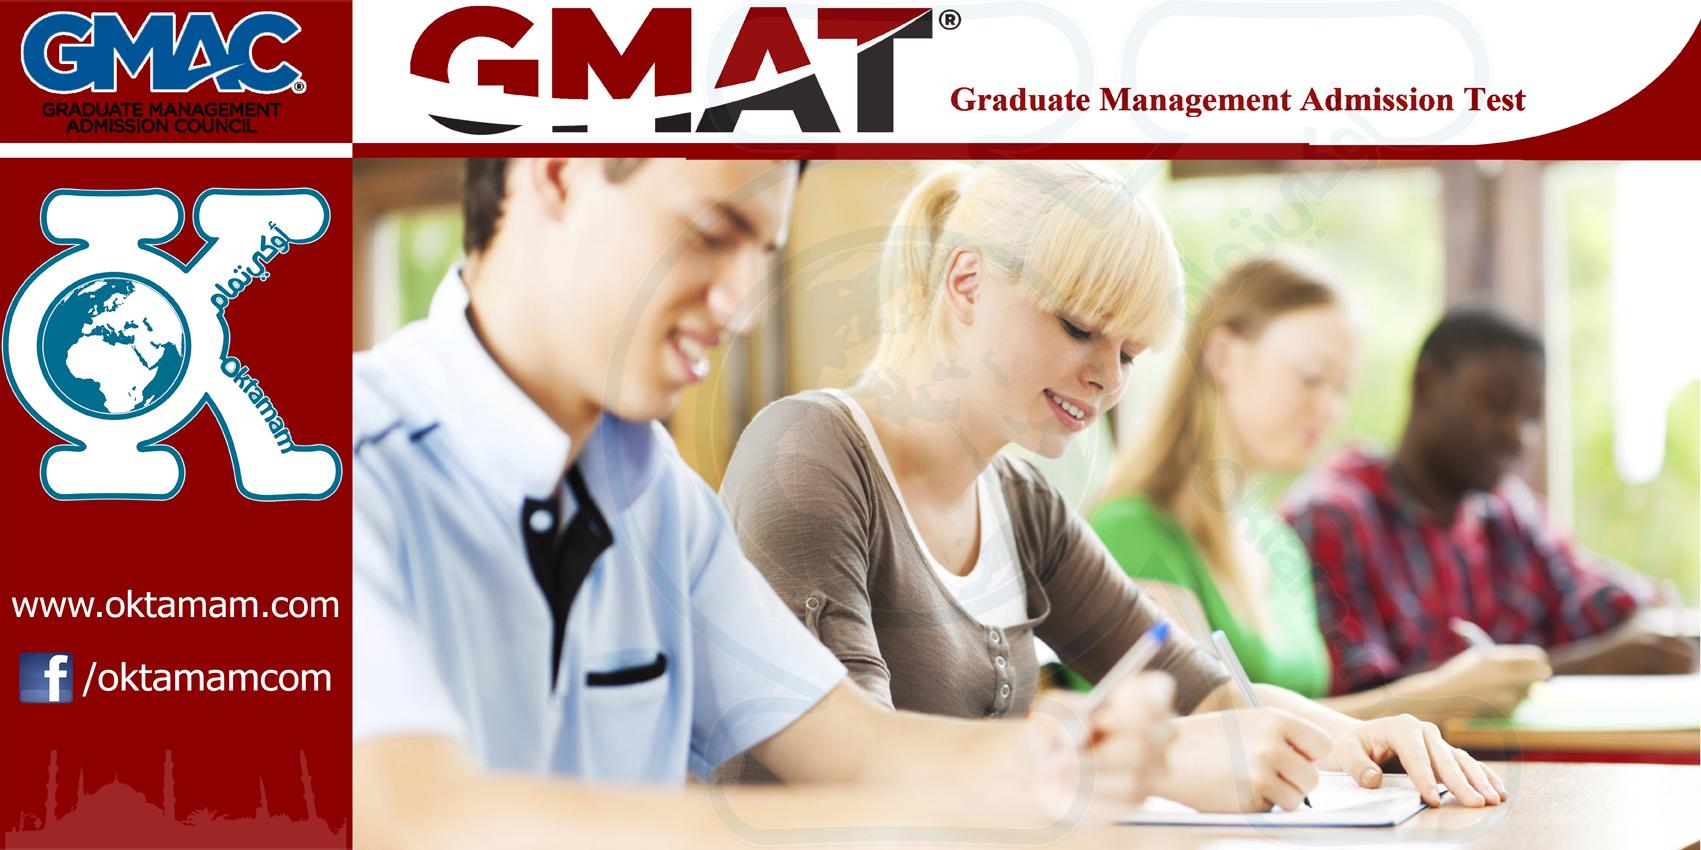 GRADUATE MANAGEMENT ADMISSION TEST – GMAT mohamed mohamed  2015-12-01T12:52:17+00:00